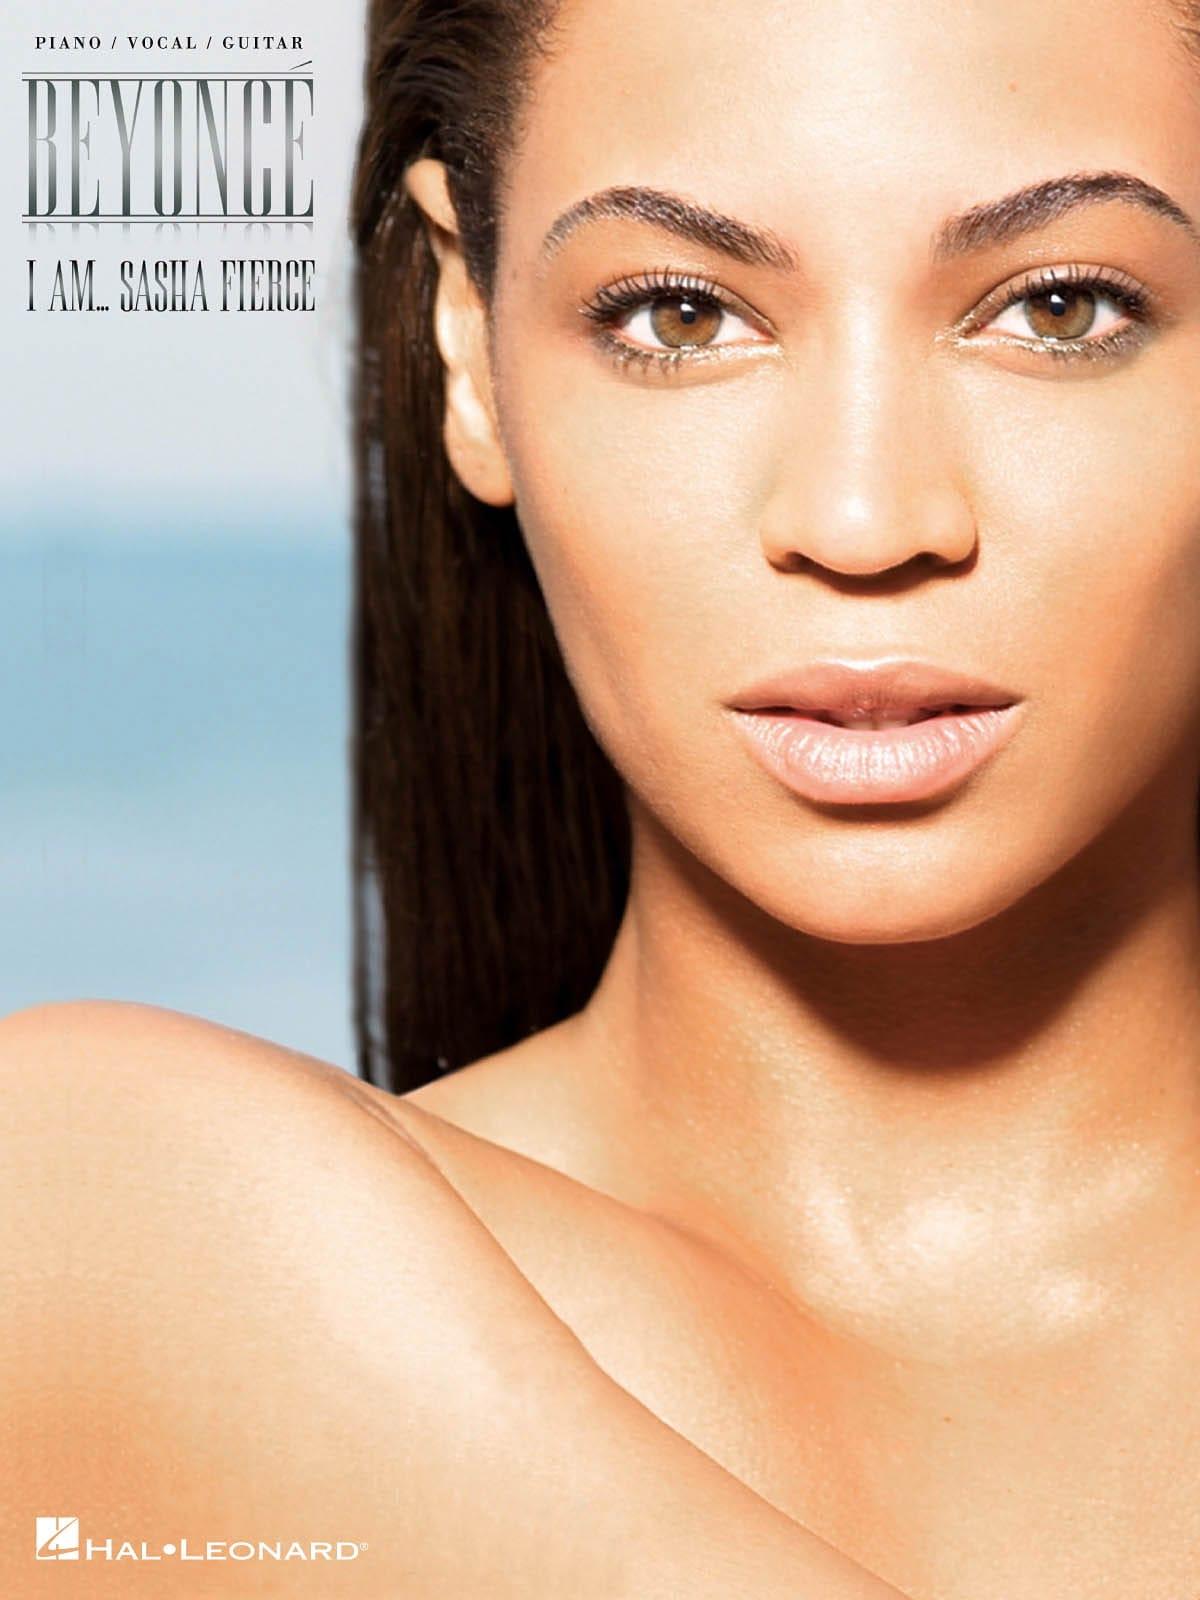 I Am... Sasha Fierce - Beyoncé - Partition - laflutedepan.com